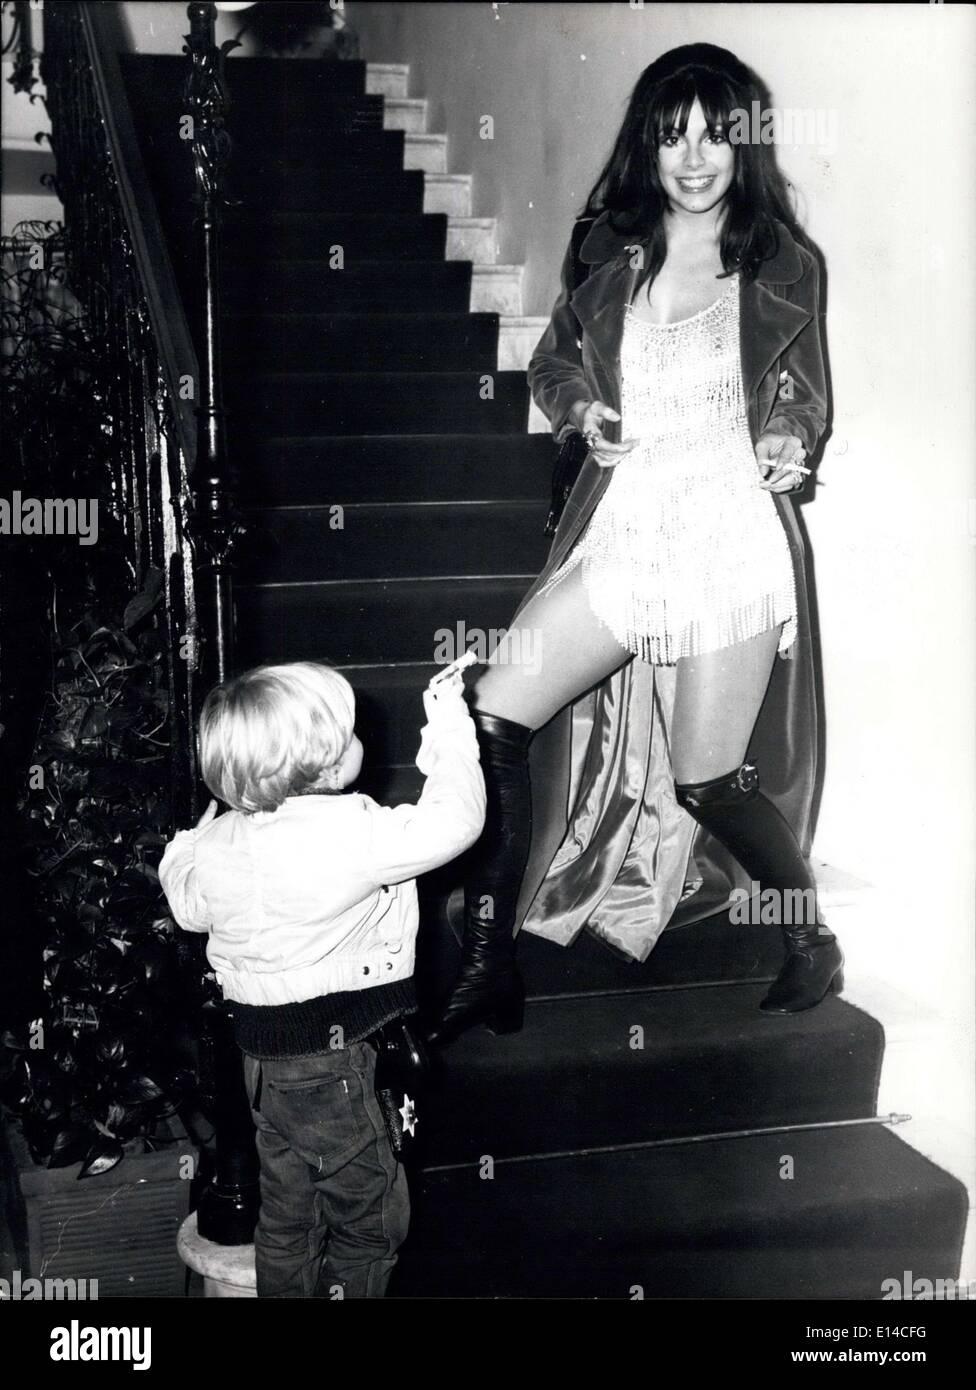 """17. April 2012 - sagt """"Hands Up"""", Liebe Nadia, die kleinen Giorgio. Szene zu sehen während des Empfangs für den Beginn des Films """"The Divorce"""" Stockbild"""